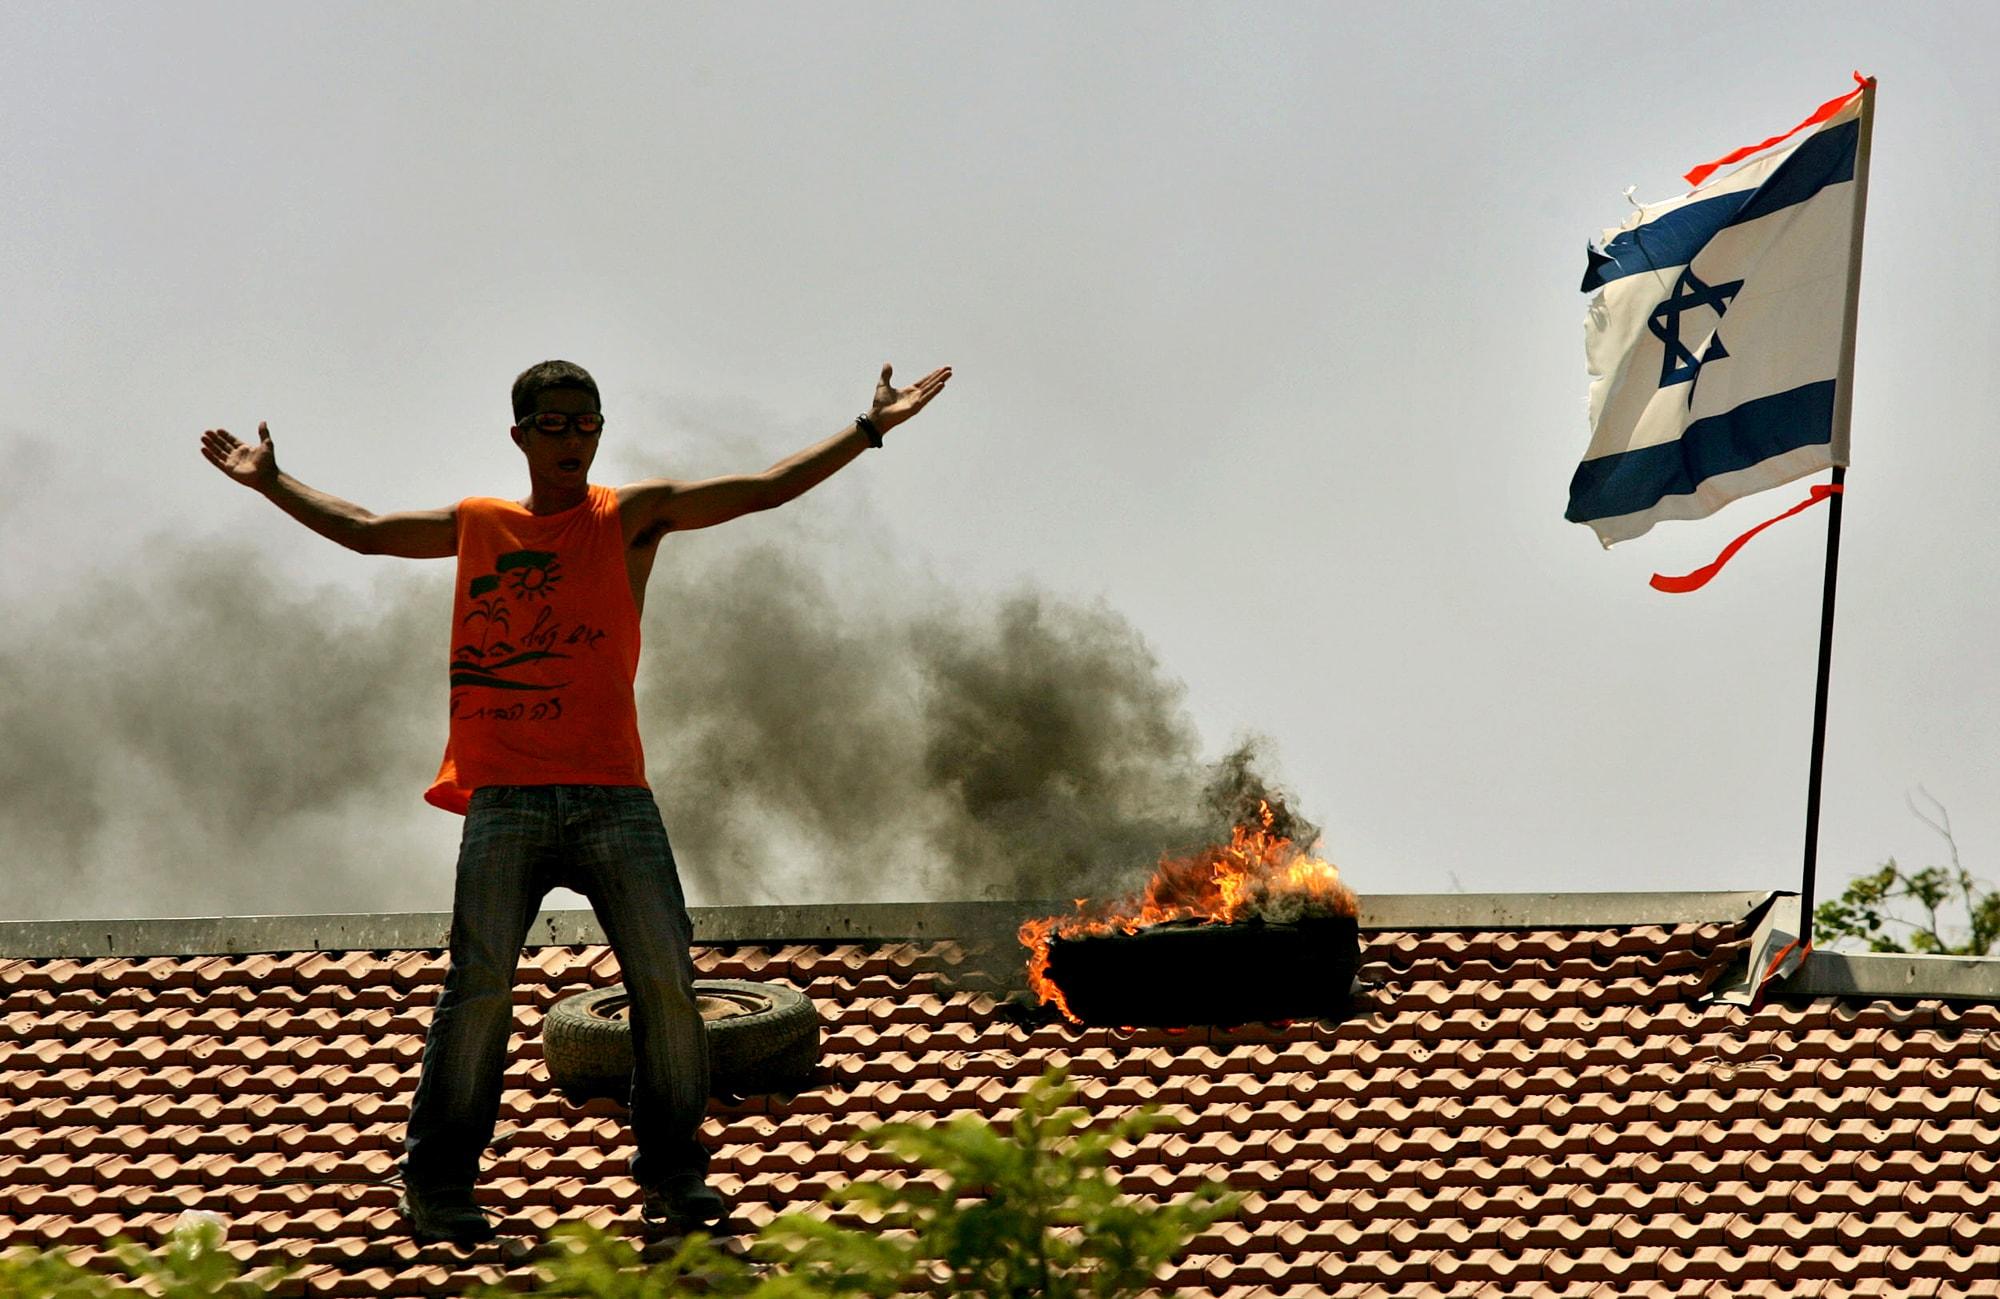 תושב נצר חזני בגוש קטיף על גג ביתו, מקדם את כוחות הביטחון שבאו לבצע את הפינוי במסגרת ההתנתקות, ב-18 באוגוסט 2005 (צילום: AP Photo/Emilio Morenatti)